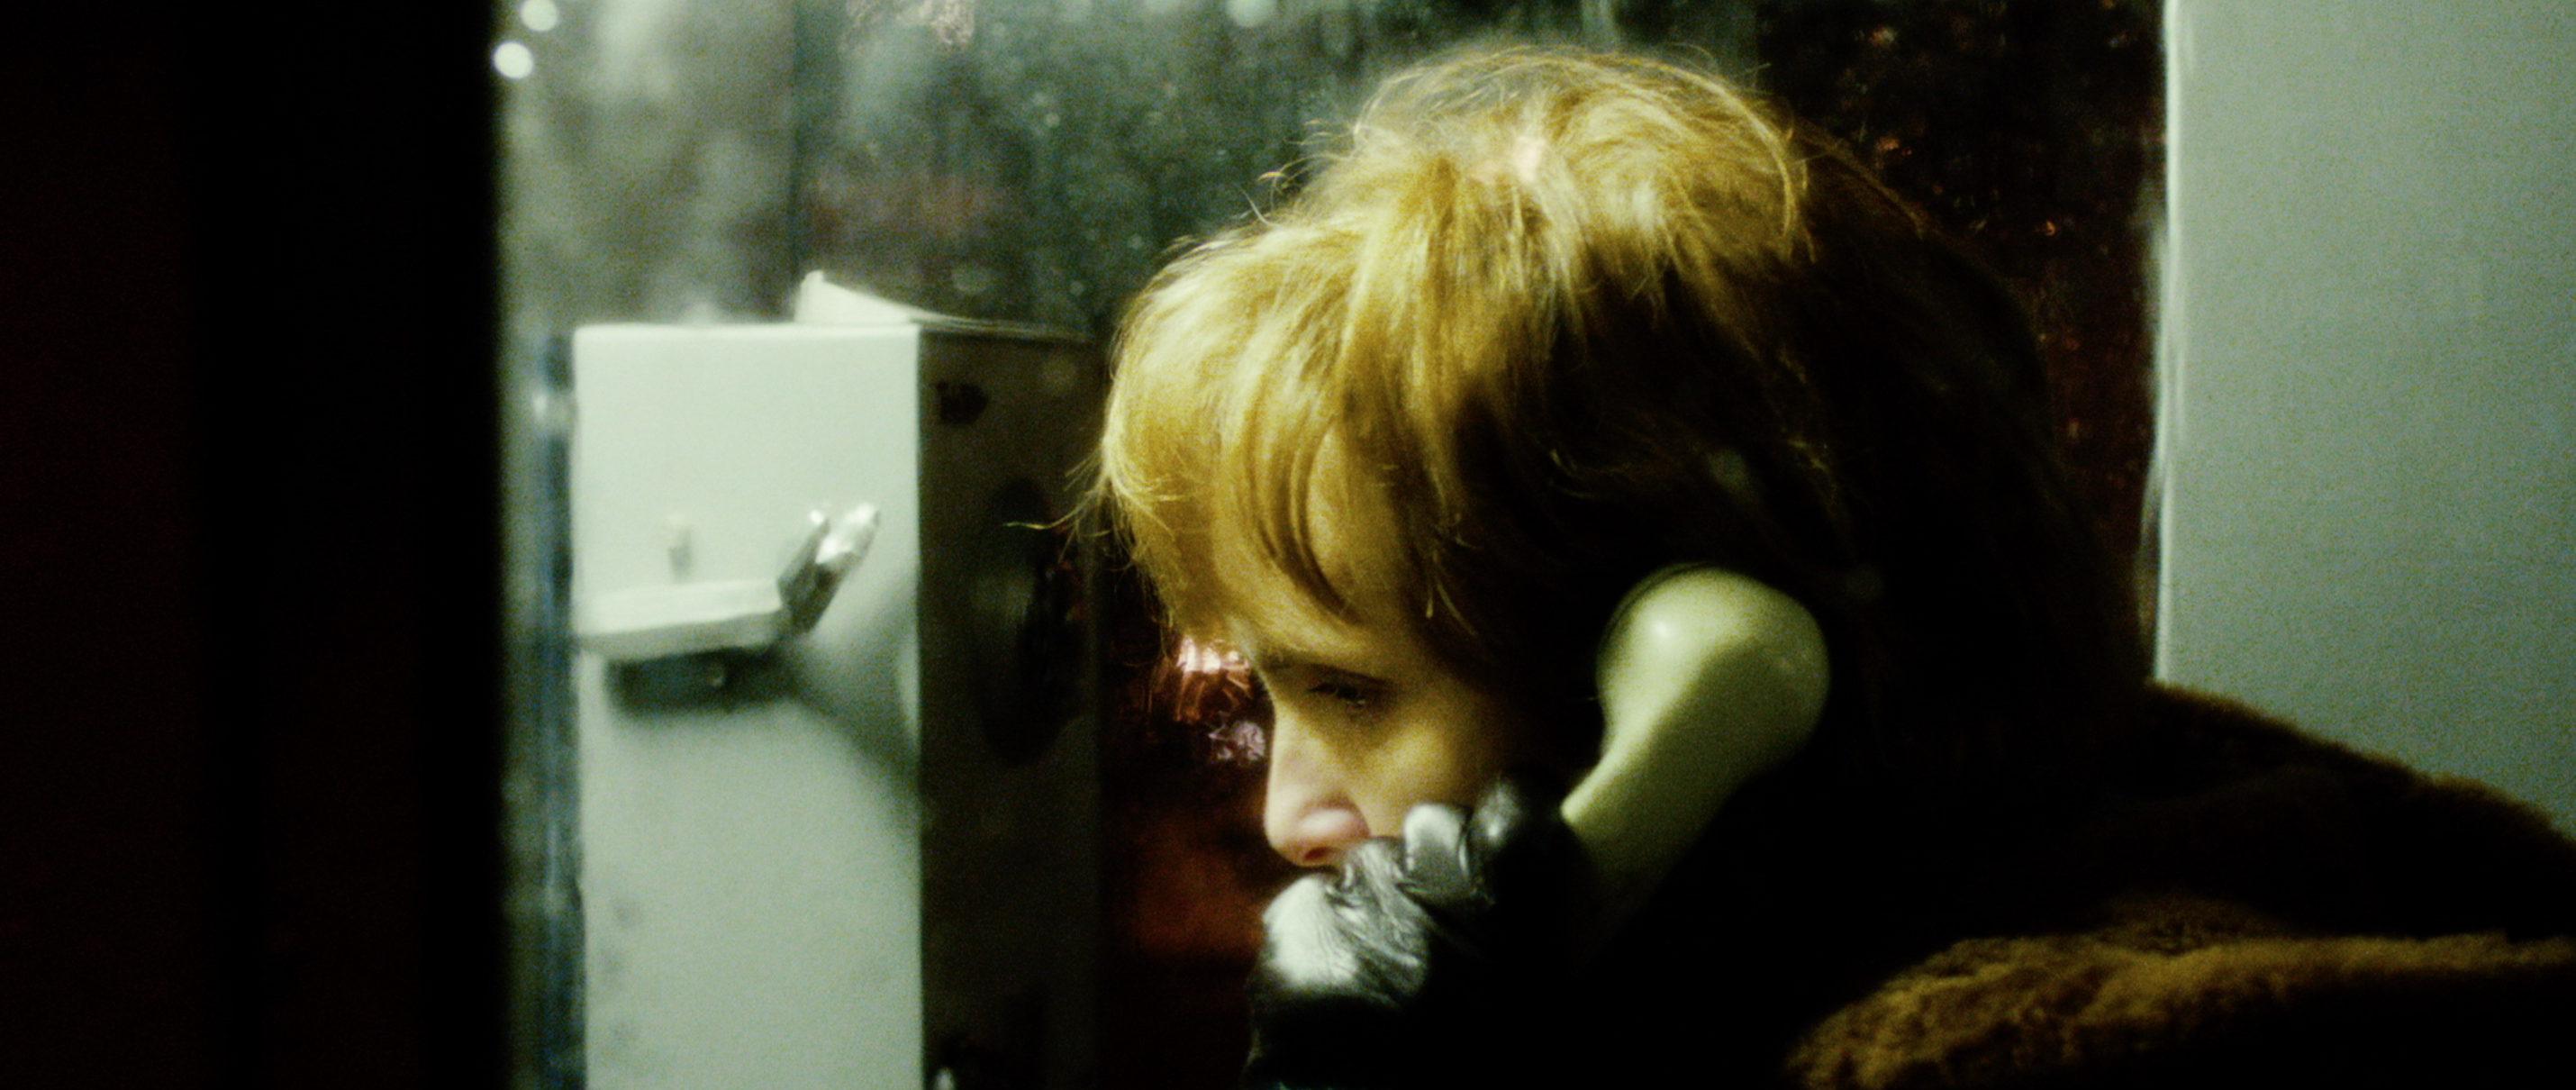 Zwei Leben - Two Lives - Katrine telefoniert - Regie Georg Maas - Regie und Kamera Judith Kaufmann